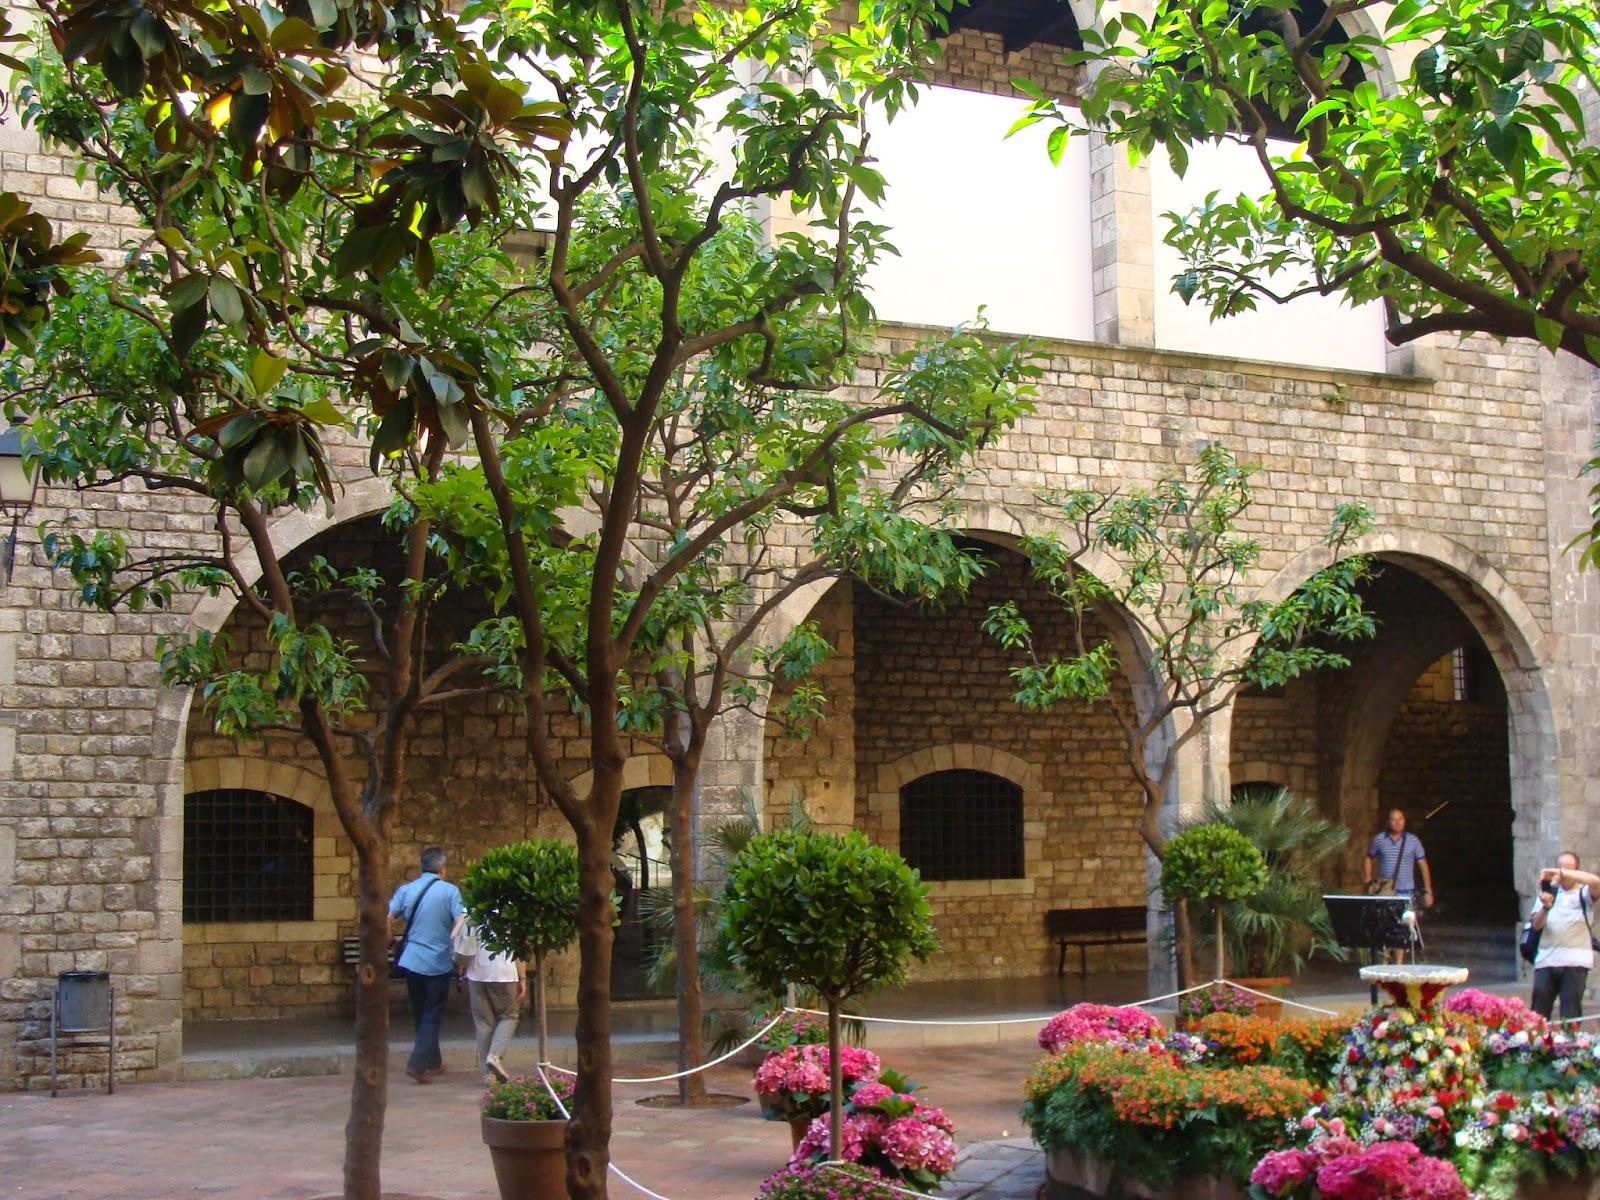 El rincon de un jardin rincones con encanto en barcelona patio frederic mar s - Rincones de jardines con encanto ...